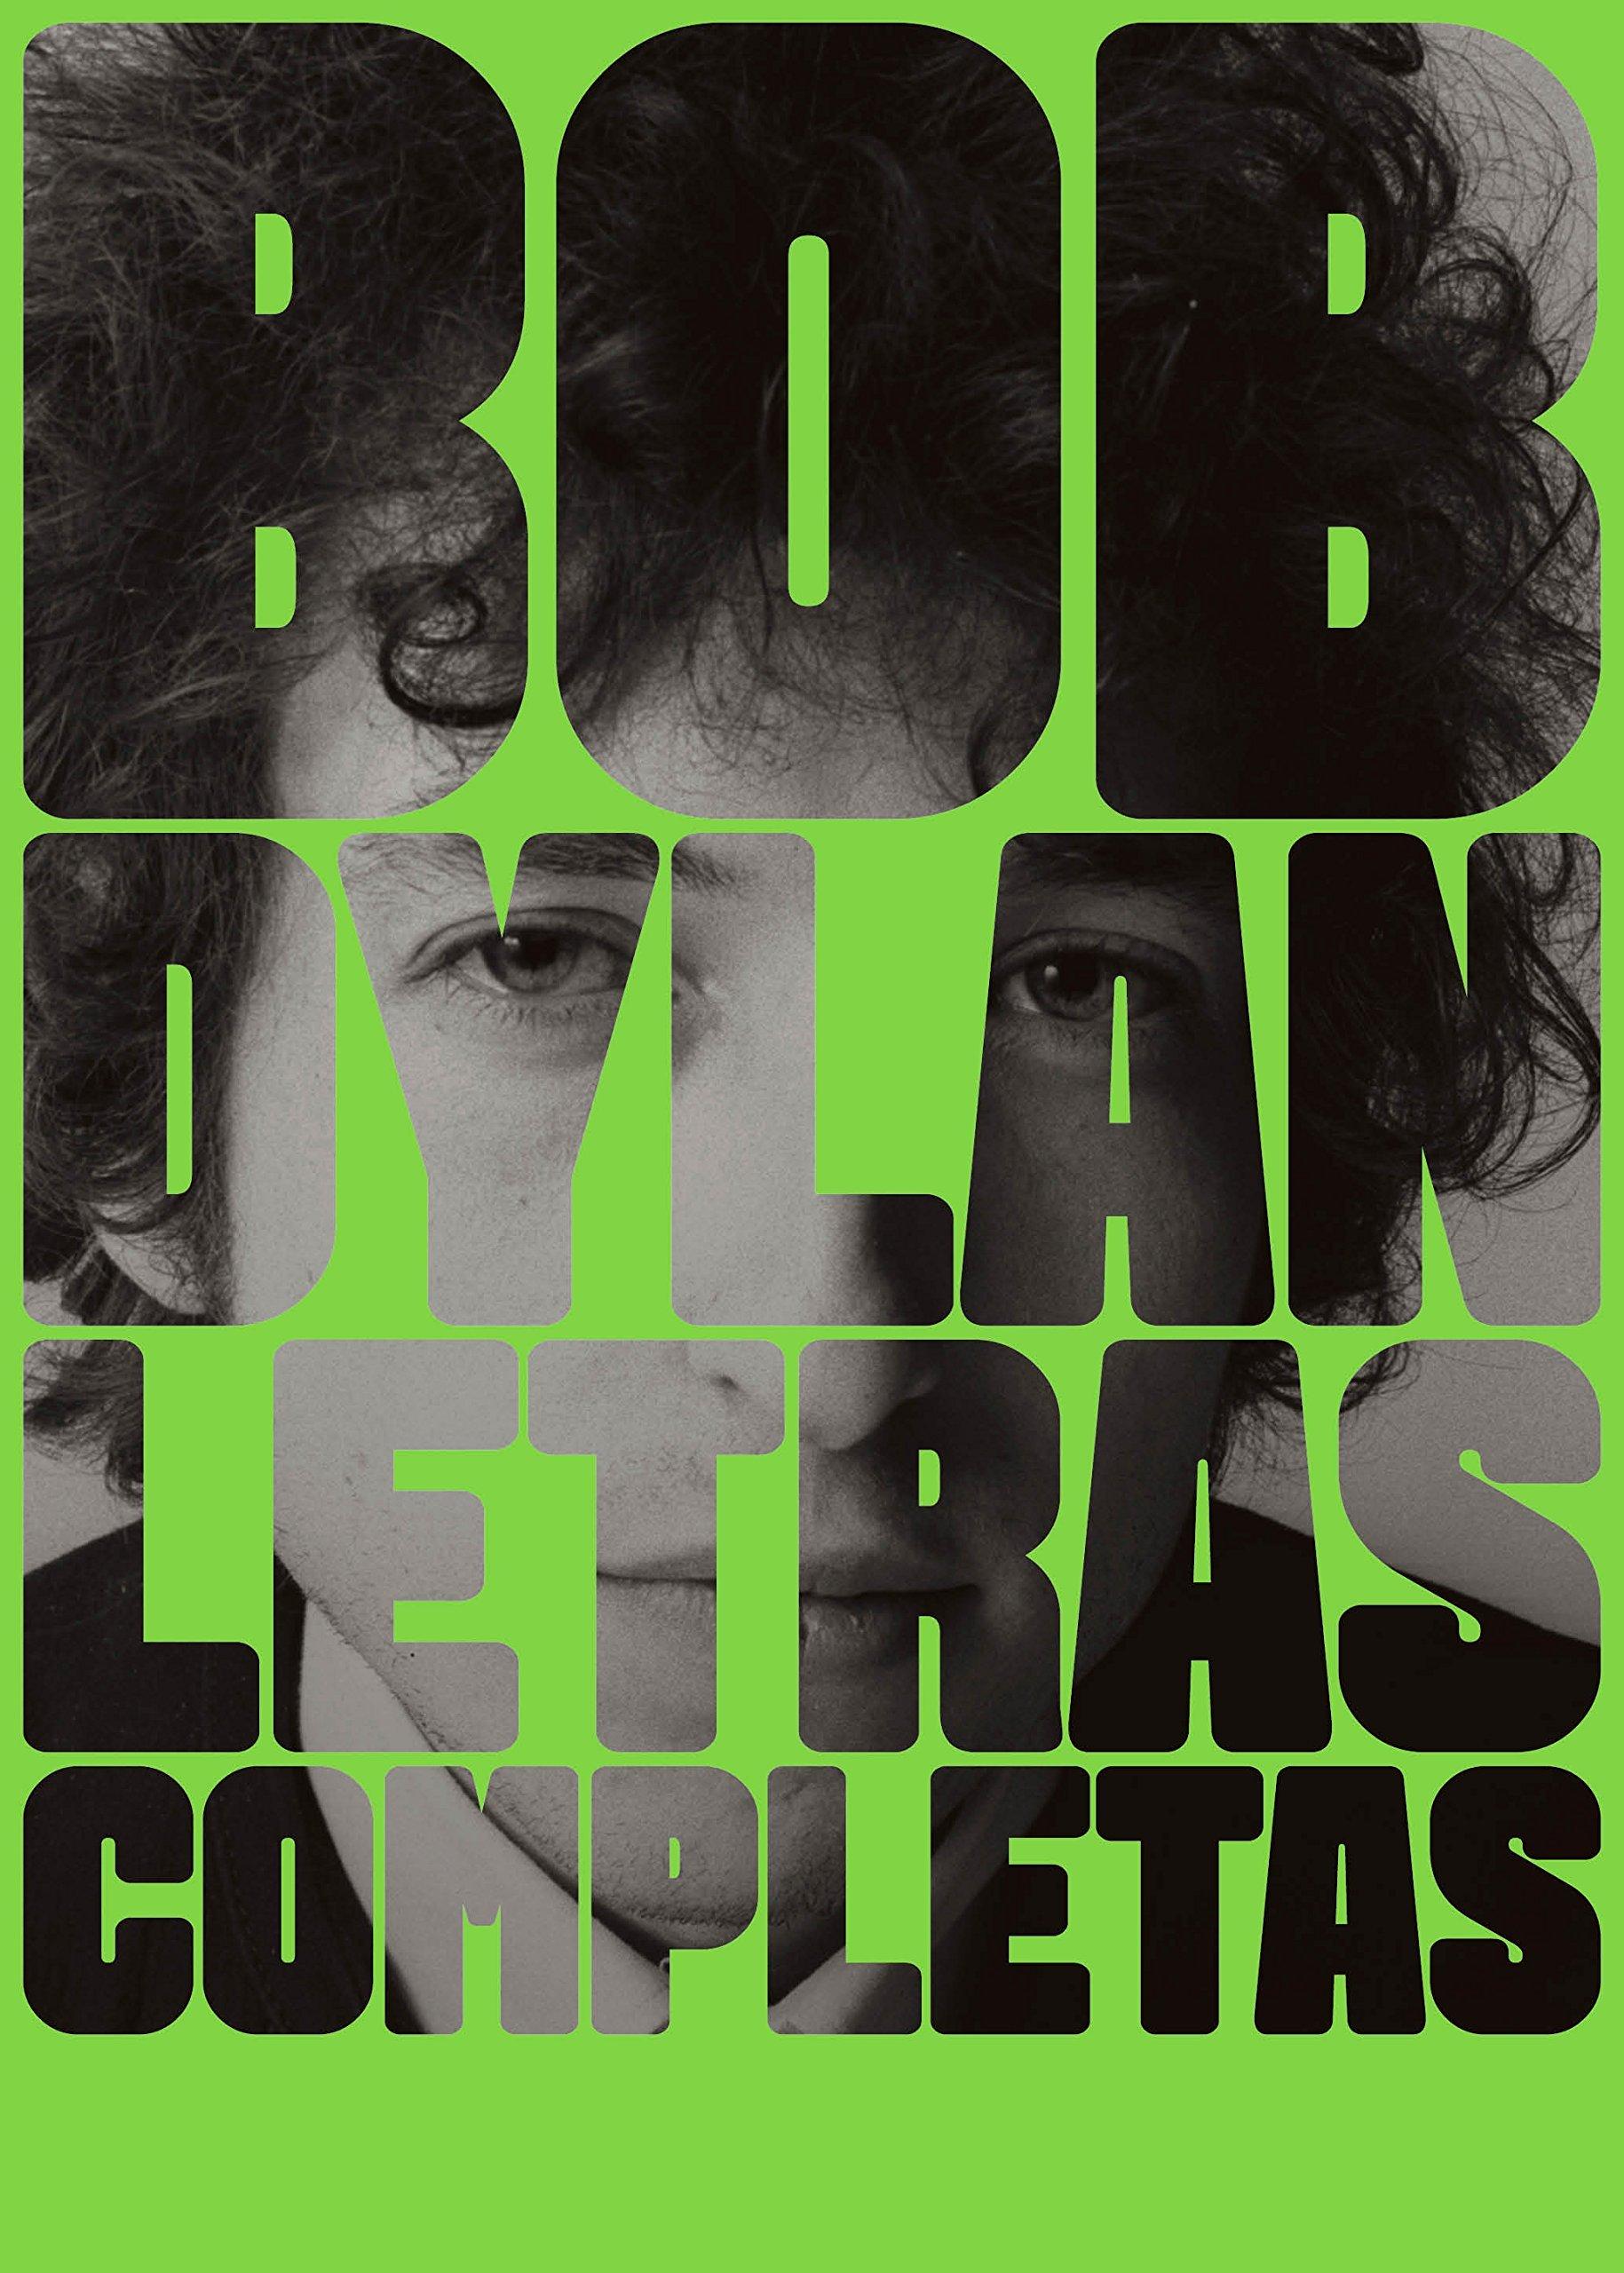 Bob Dylan Letras completas 1962-2012,surtido: colores aleatorios ...